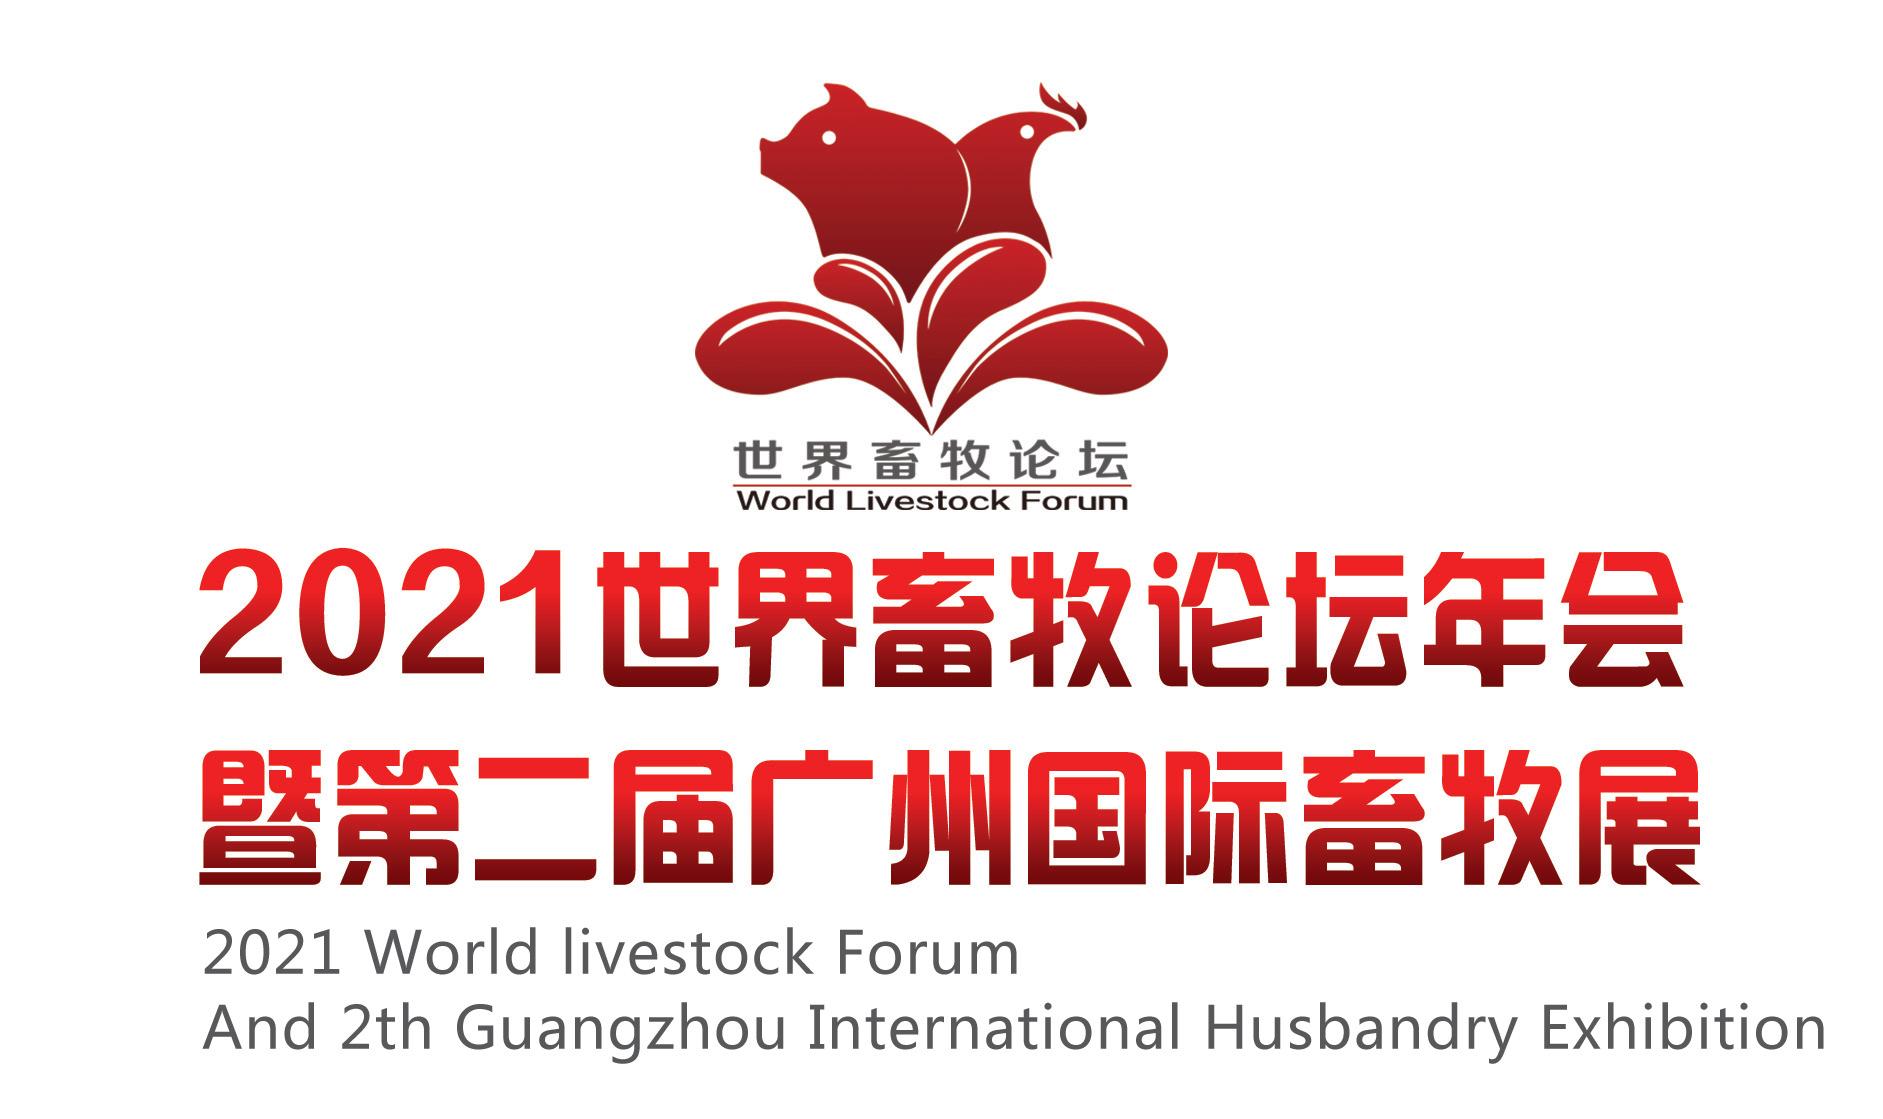 2021年世界畜牧论坛年会暨第二届广州国际畜牧展